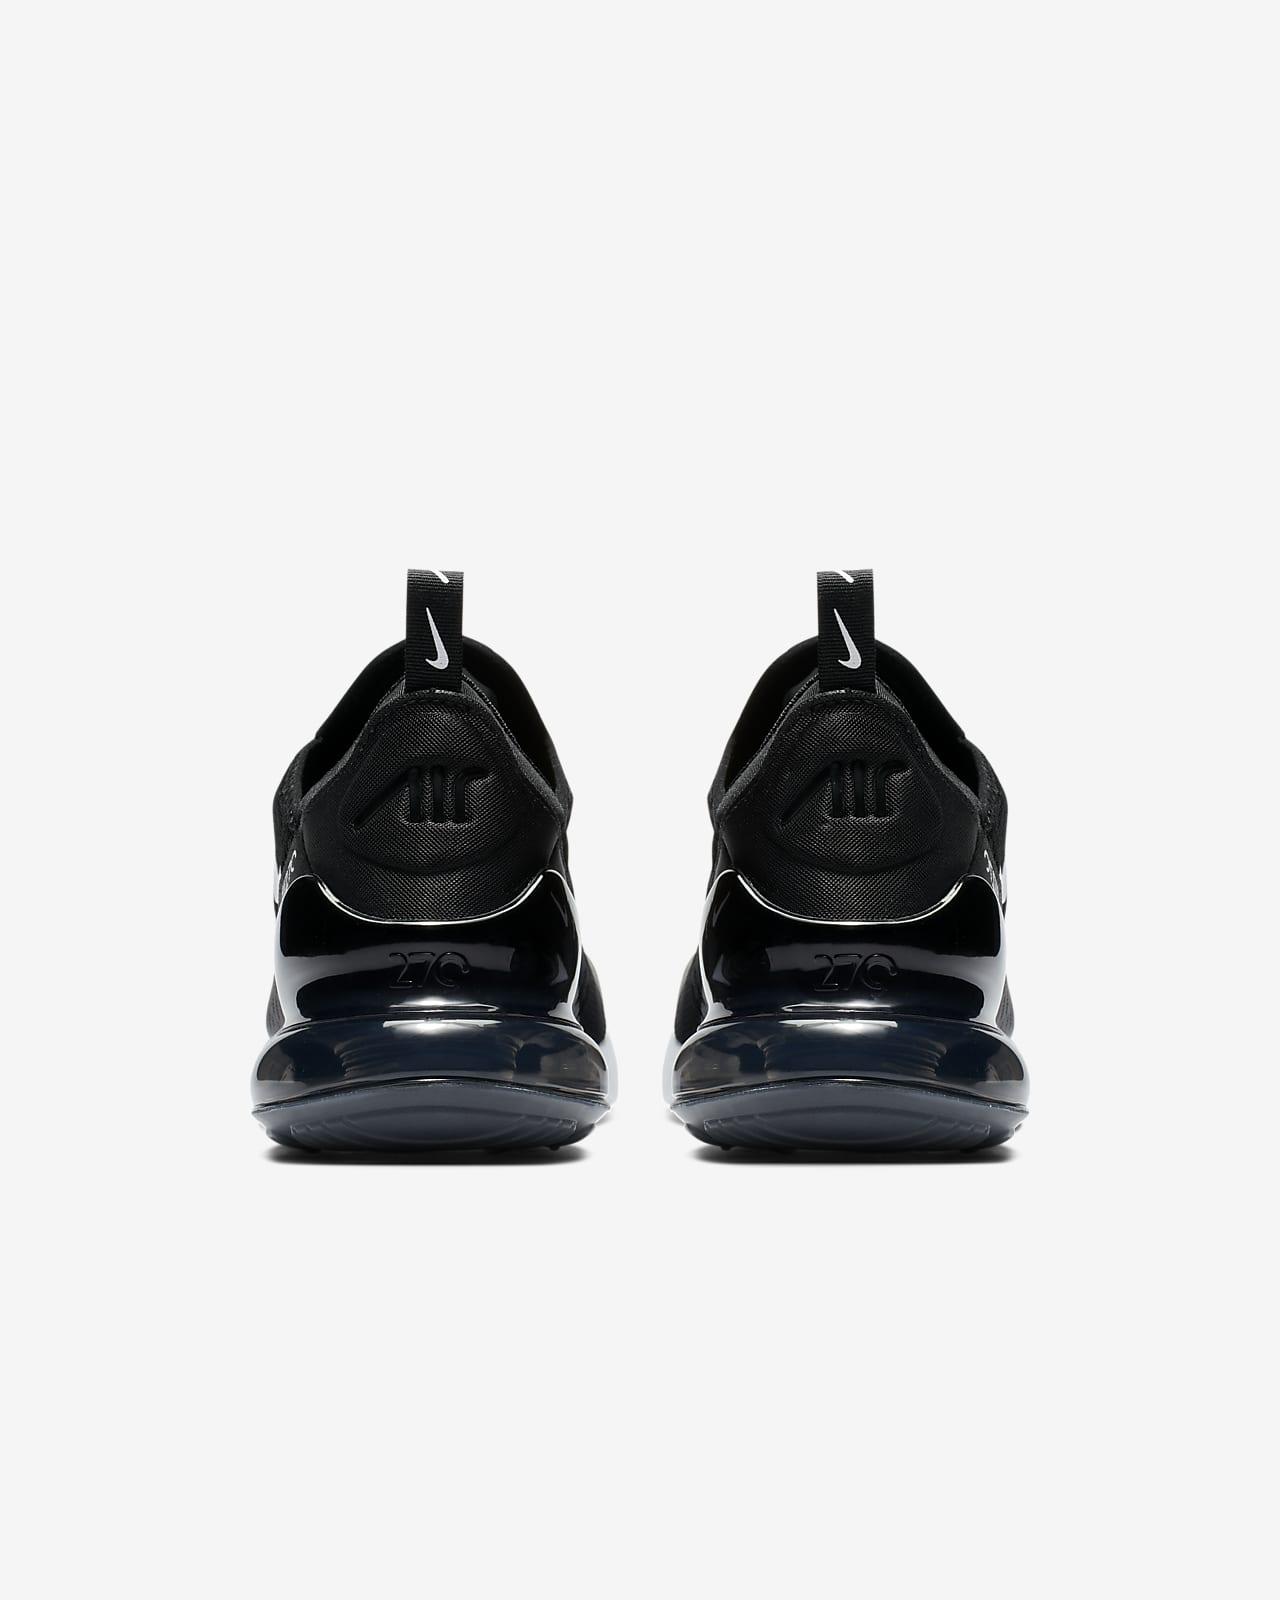 270 air max all black